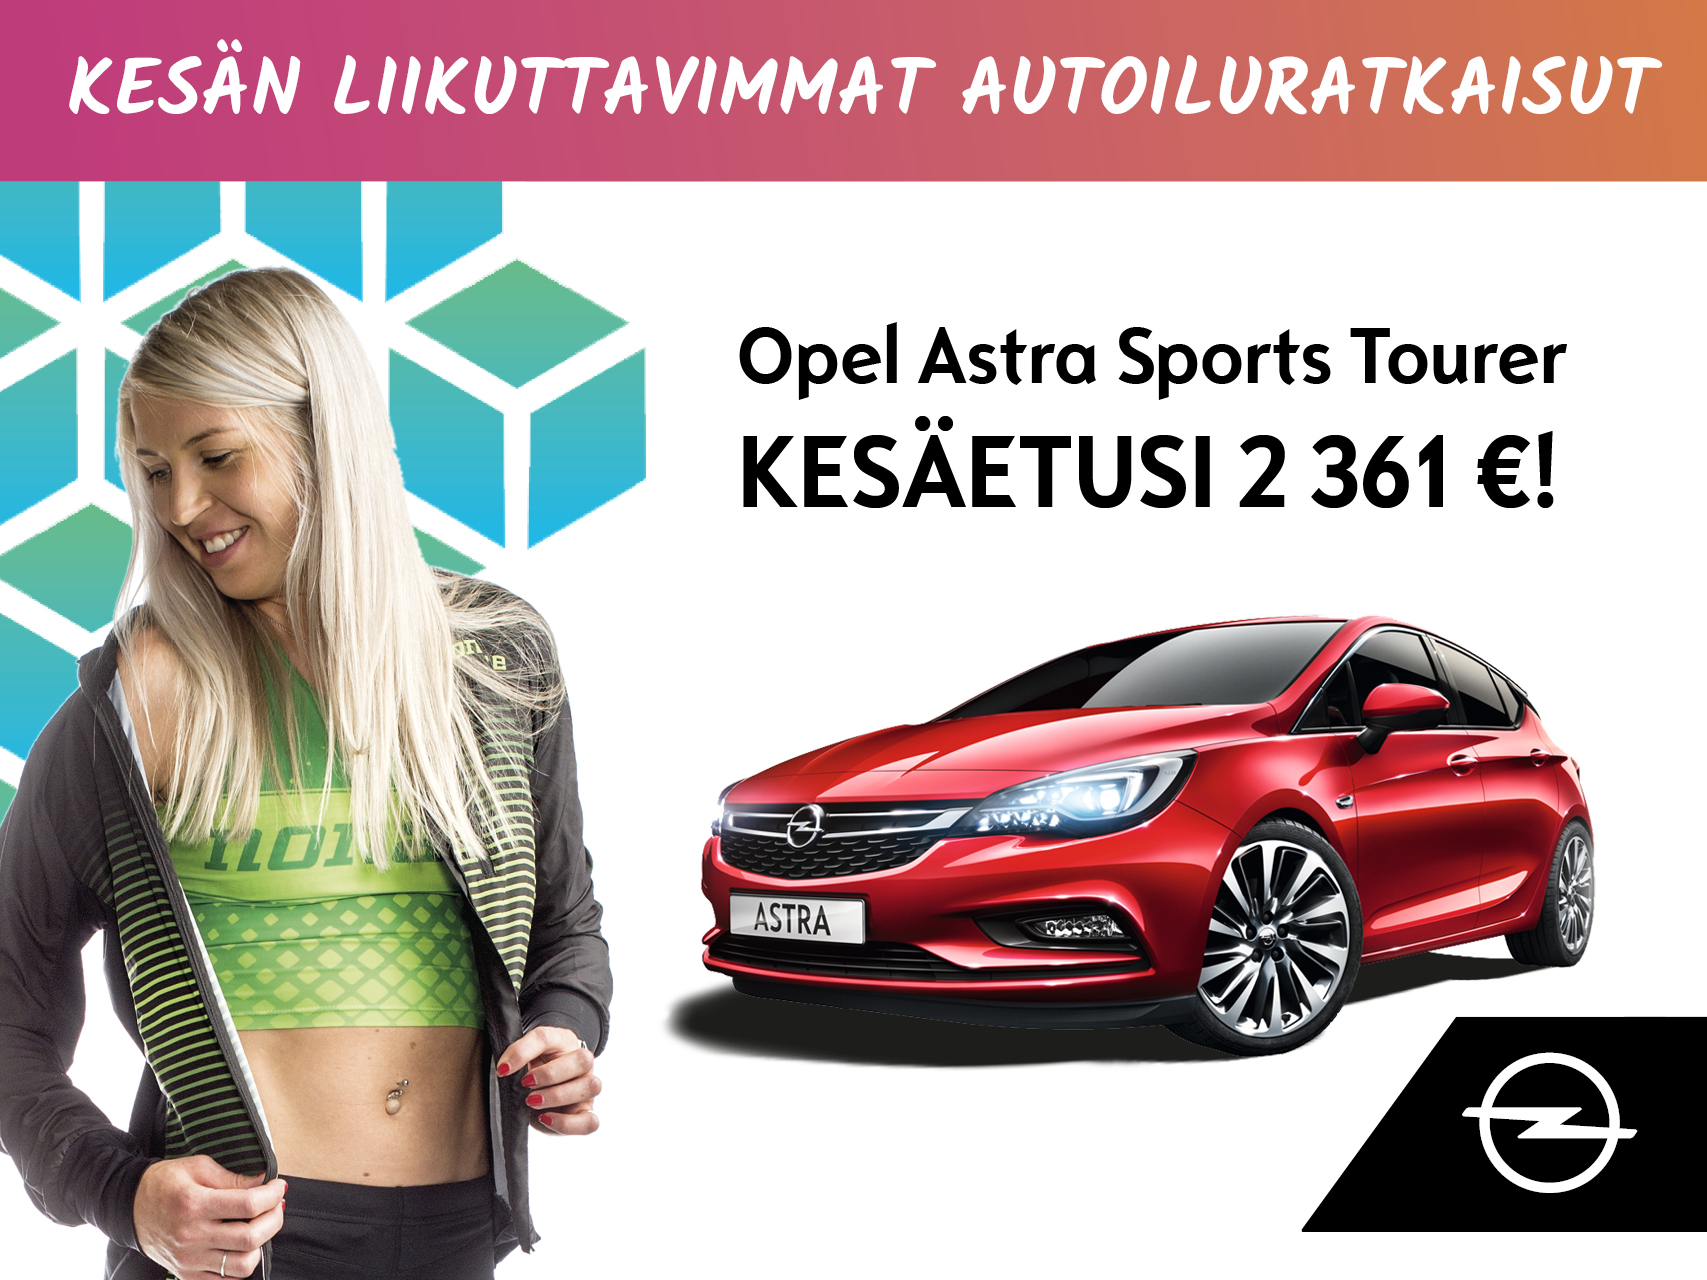 Opel Astra ST -kesäetusi 2 361 €